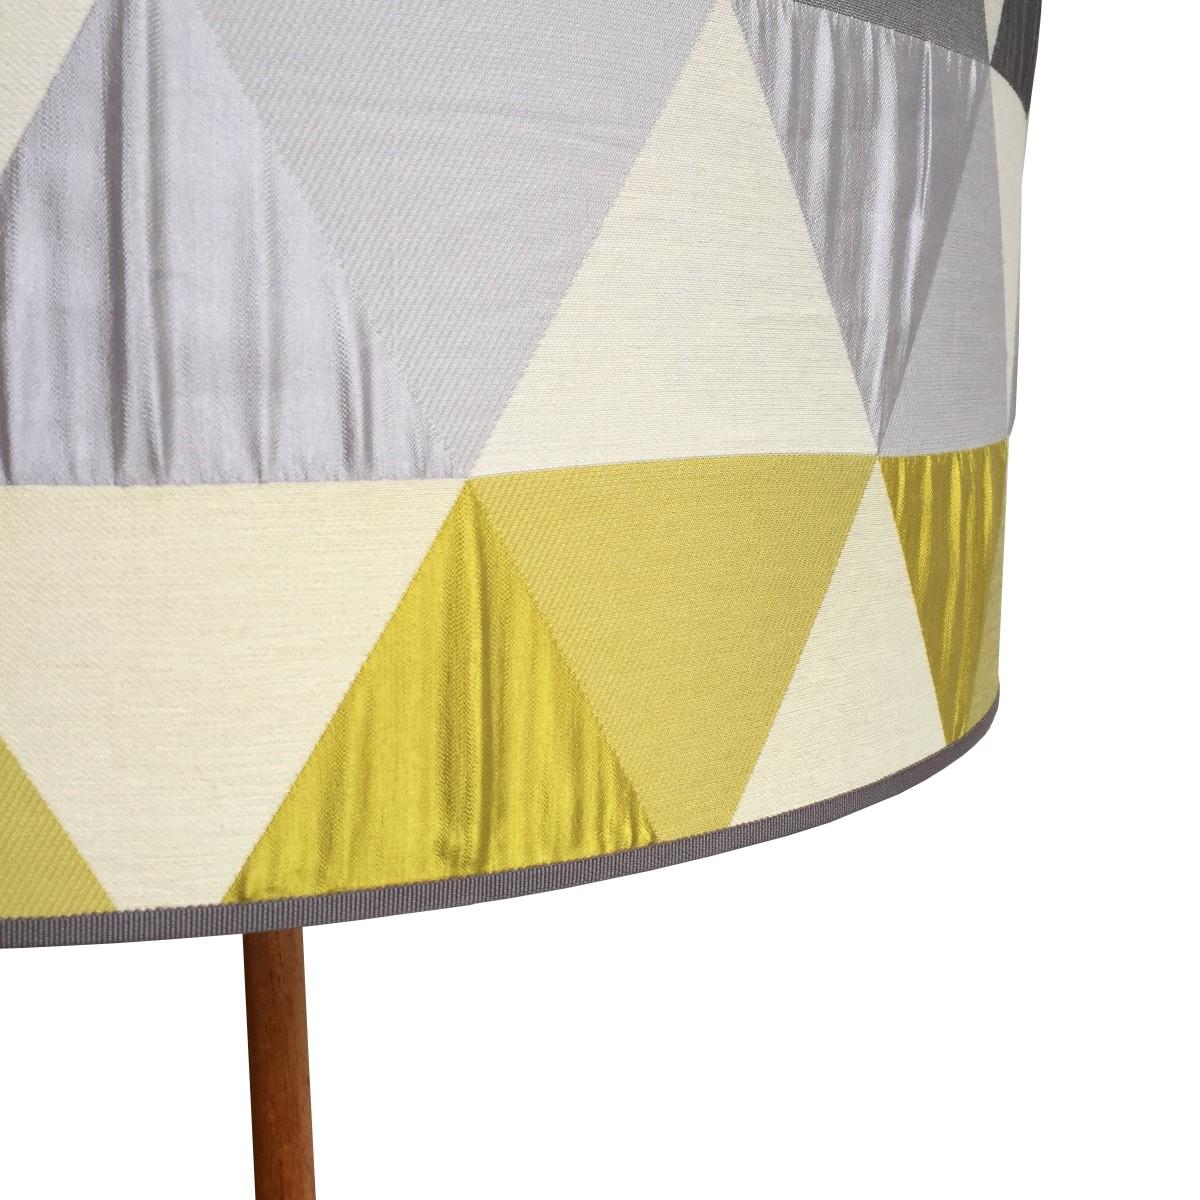 scandinavian floor lamp photo - 3